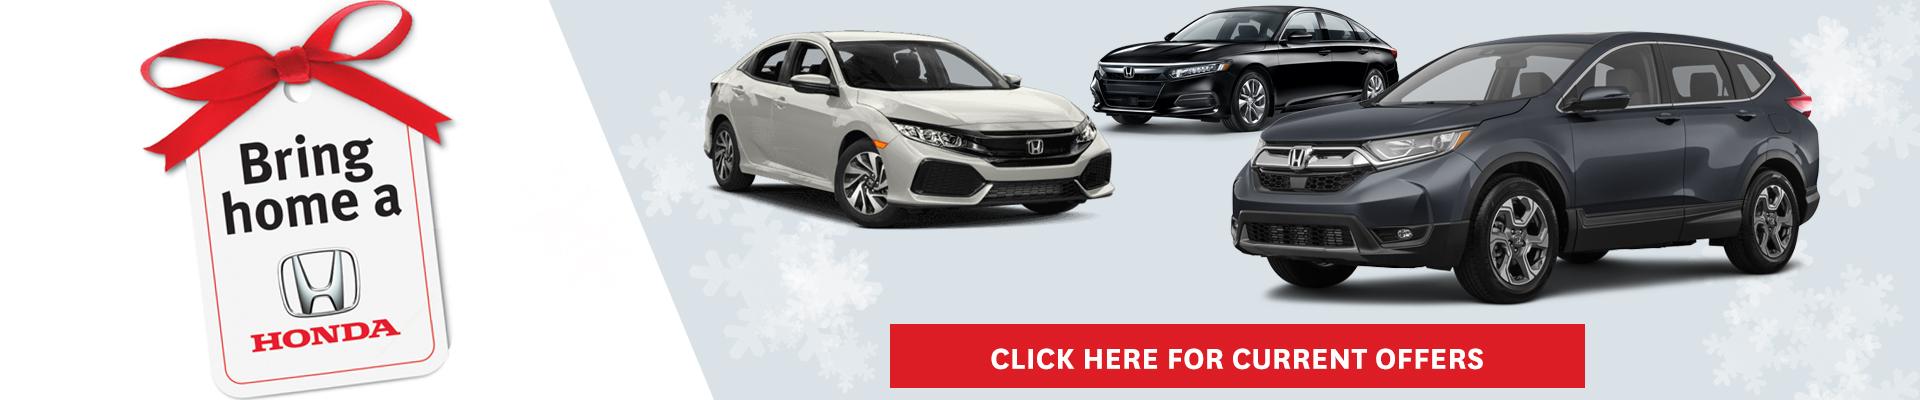 Bring Home a Honda Event